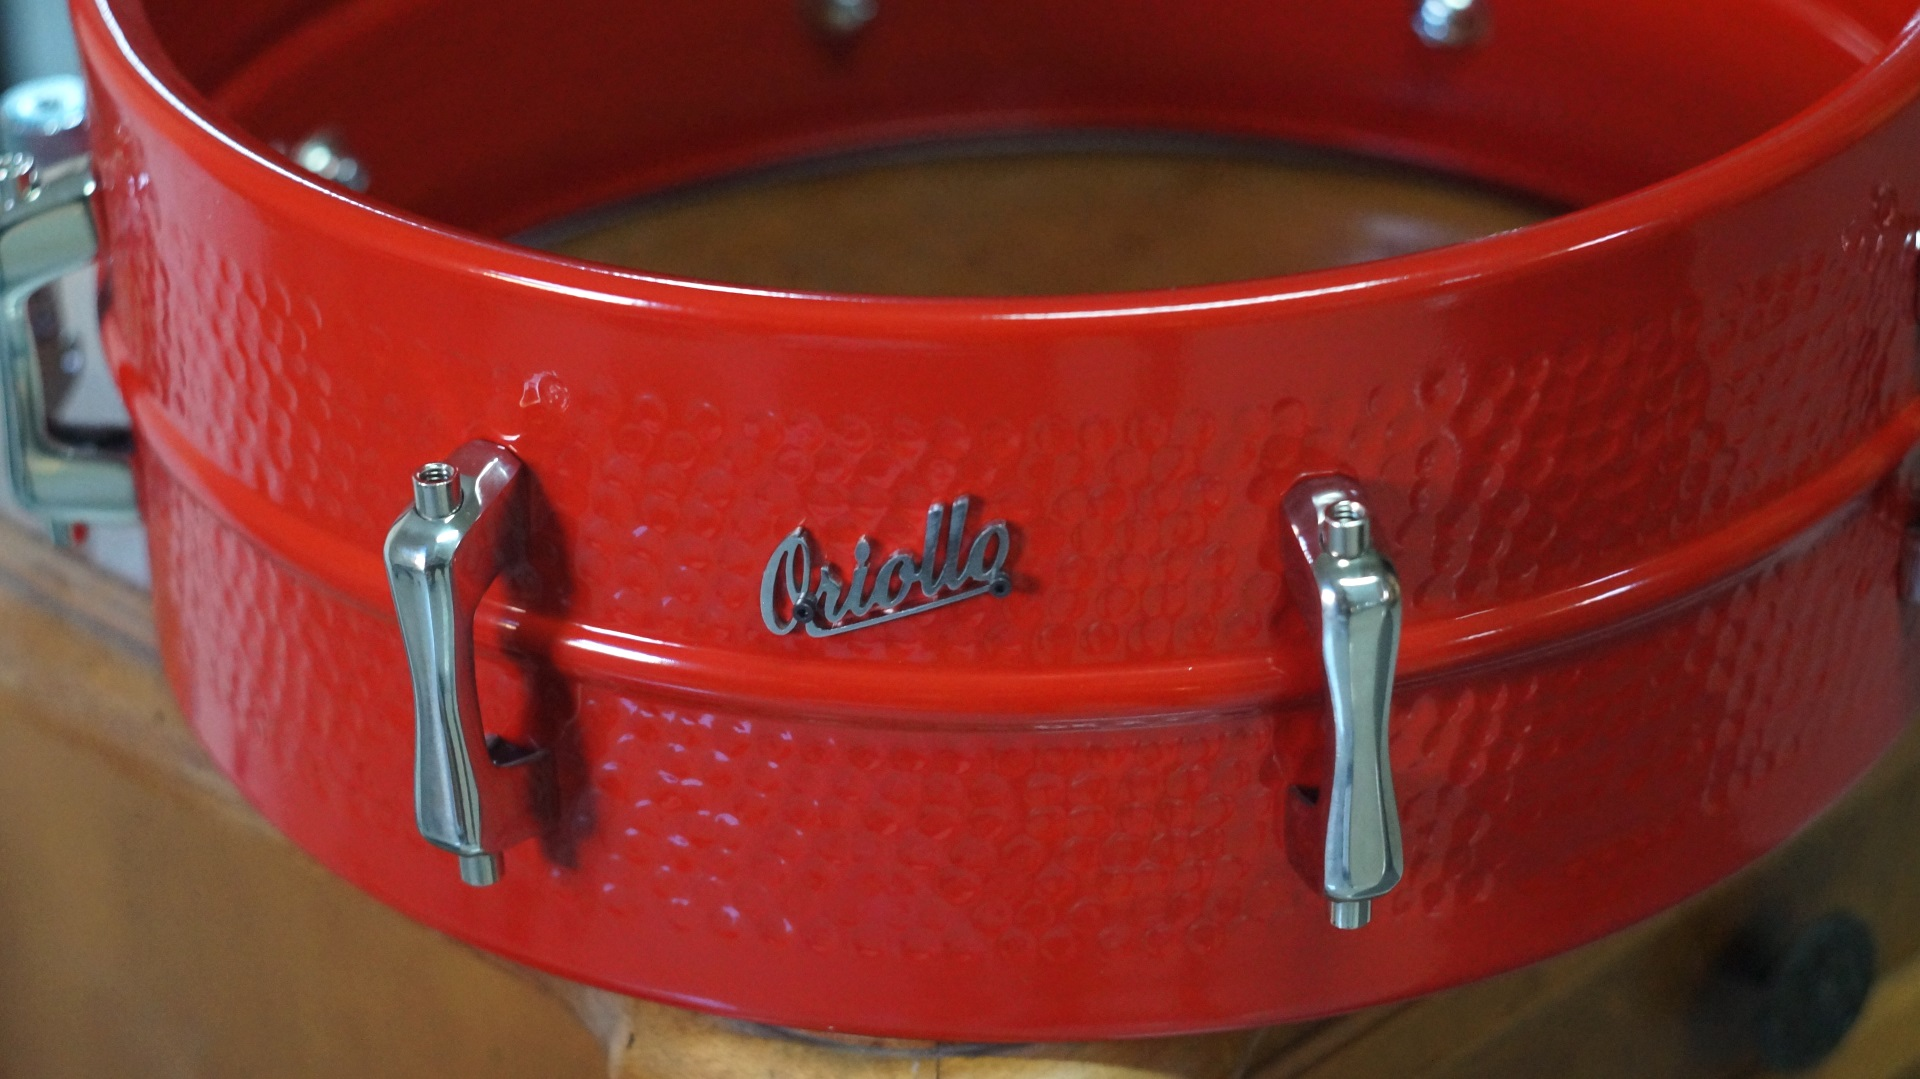 oriollo.com